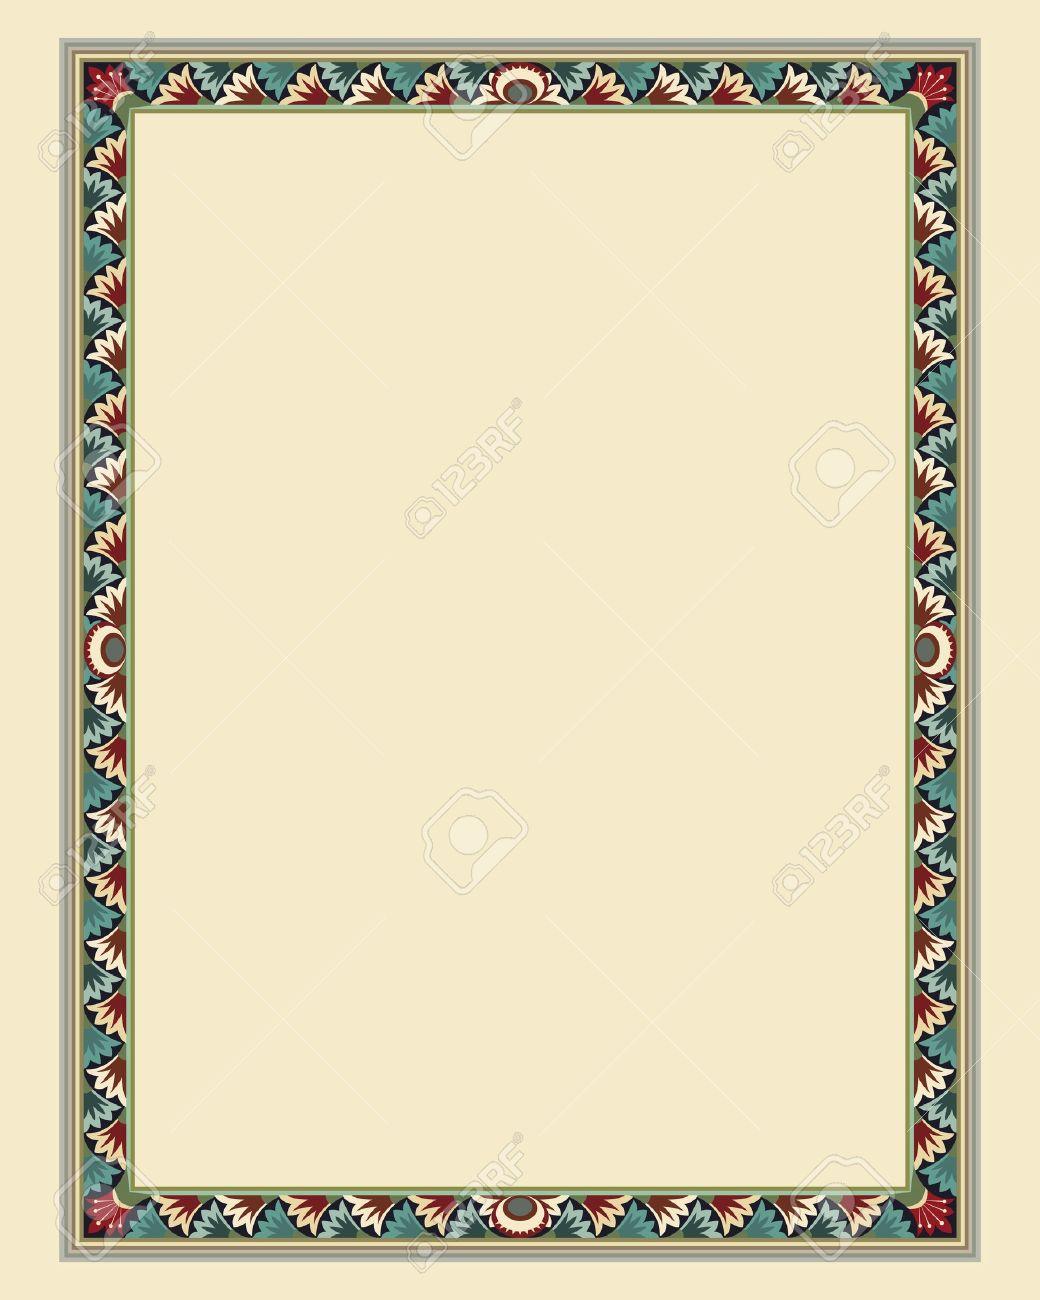 arabesque border frame illustration file Stock Vector - 10364793